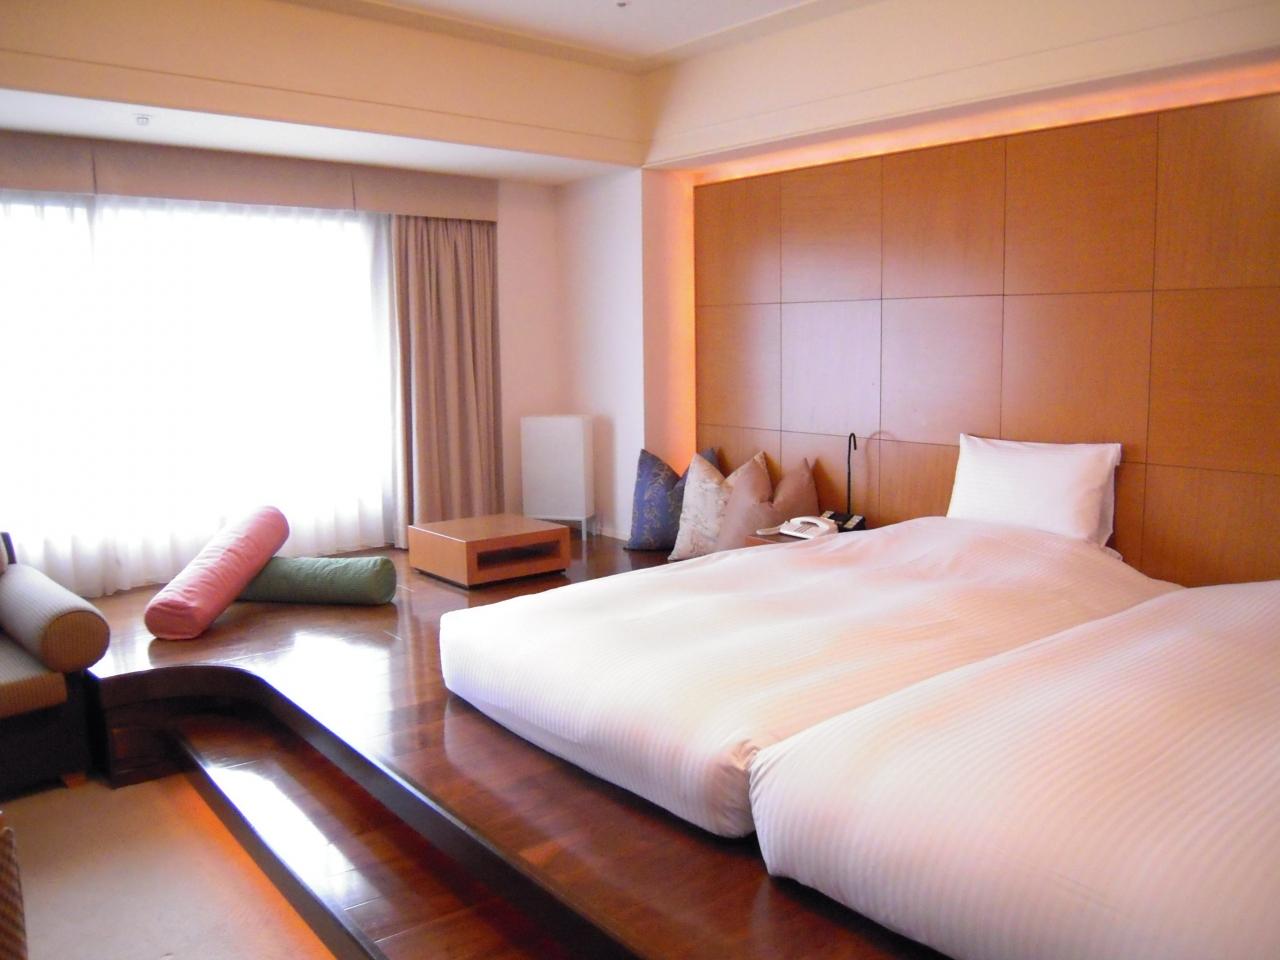 ルームだんらんでまったり@浦安ブライトンホテル』東京ディズニー